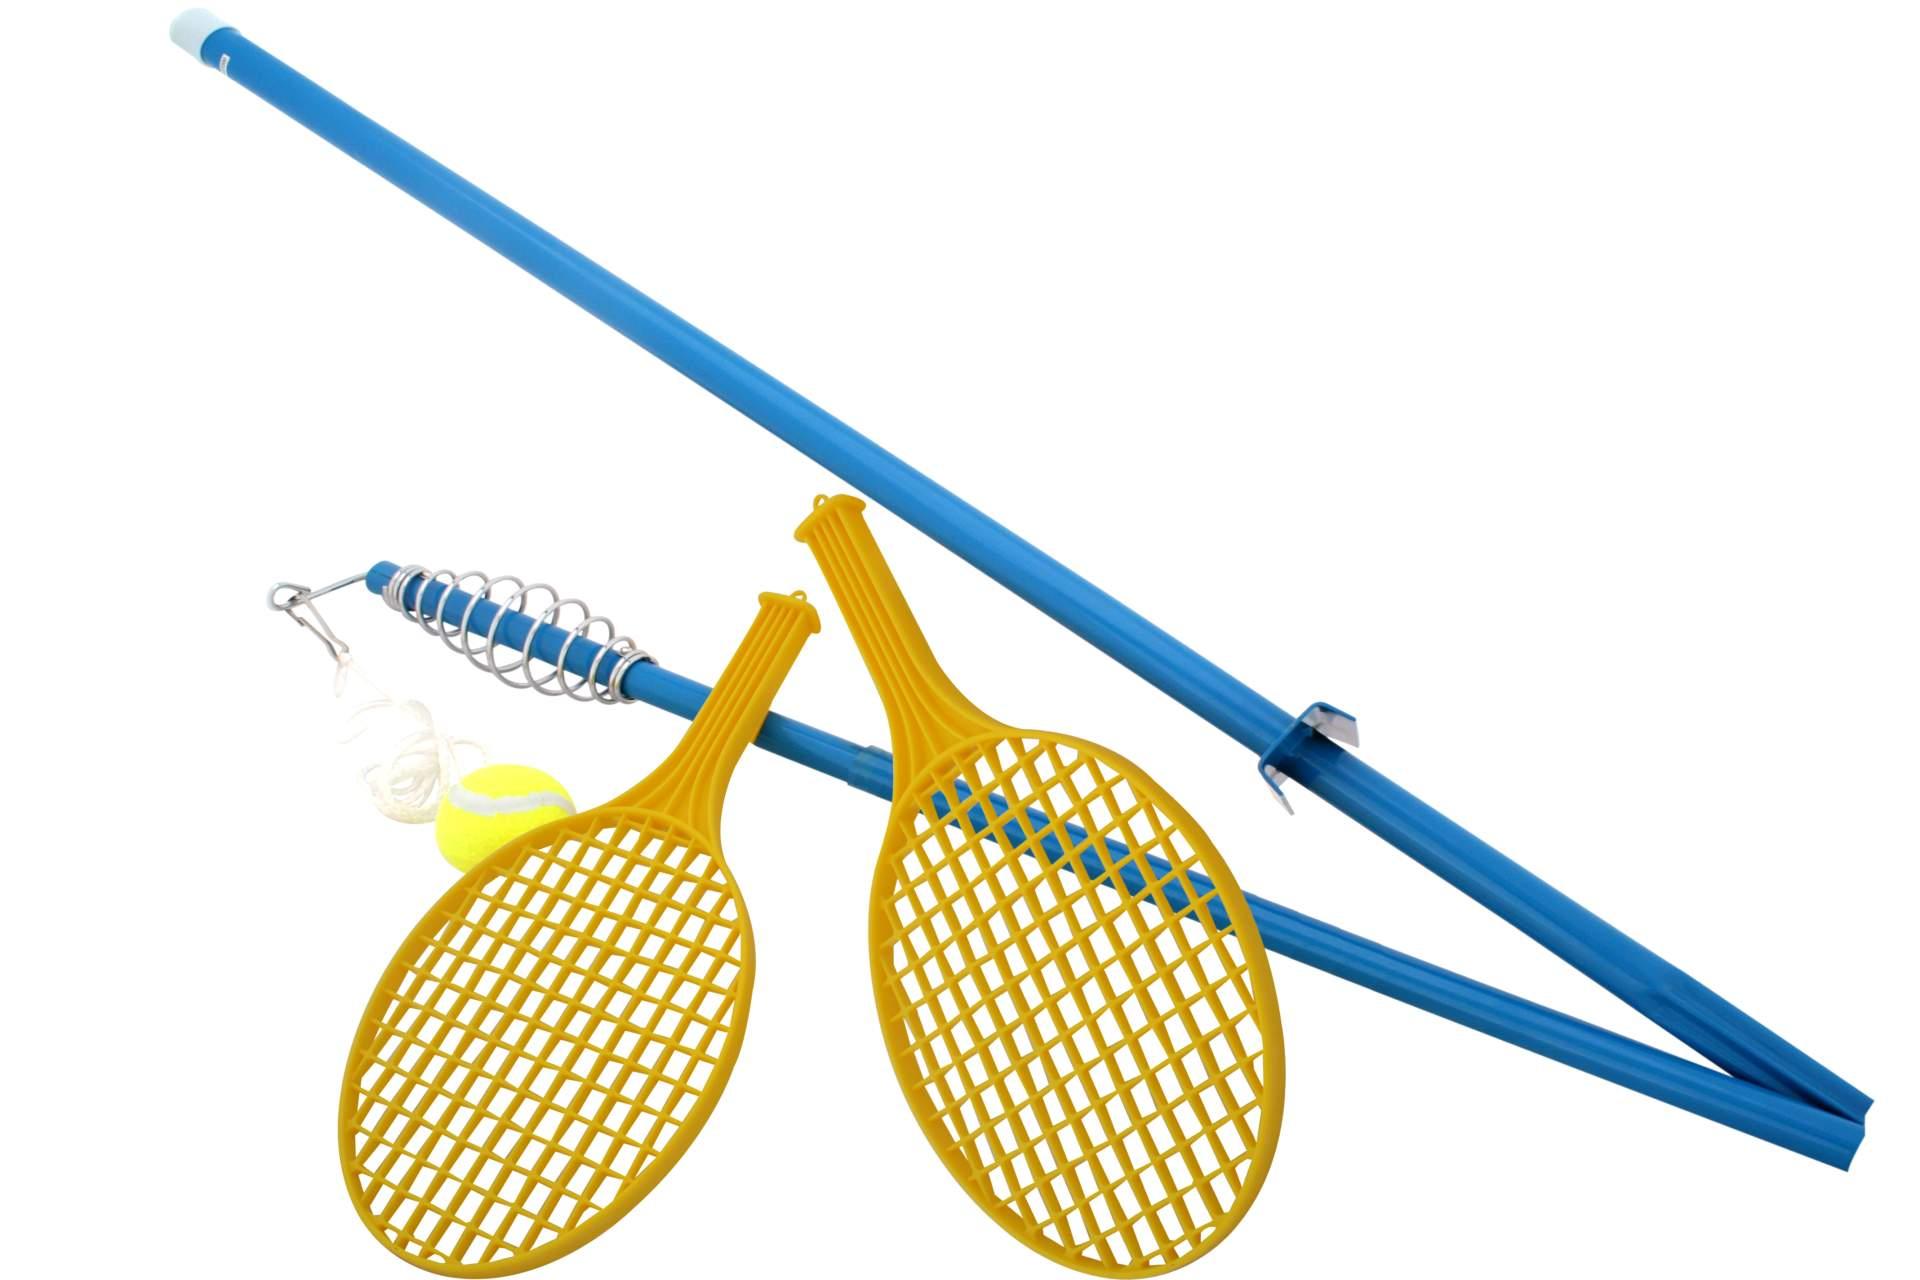 tennisspiel standtennis kinder garten spiel an metallstange spielzeug f r drau en spielwaren. Black Bedroom Furniture Sets. Home Design Ideas